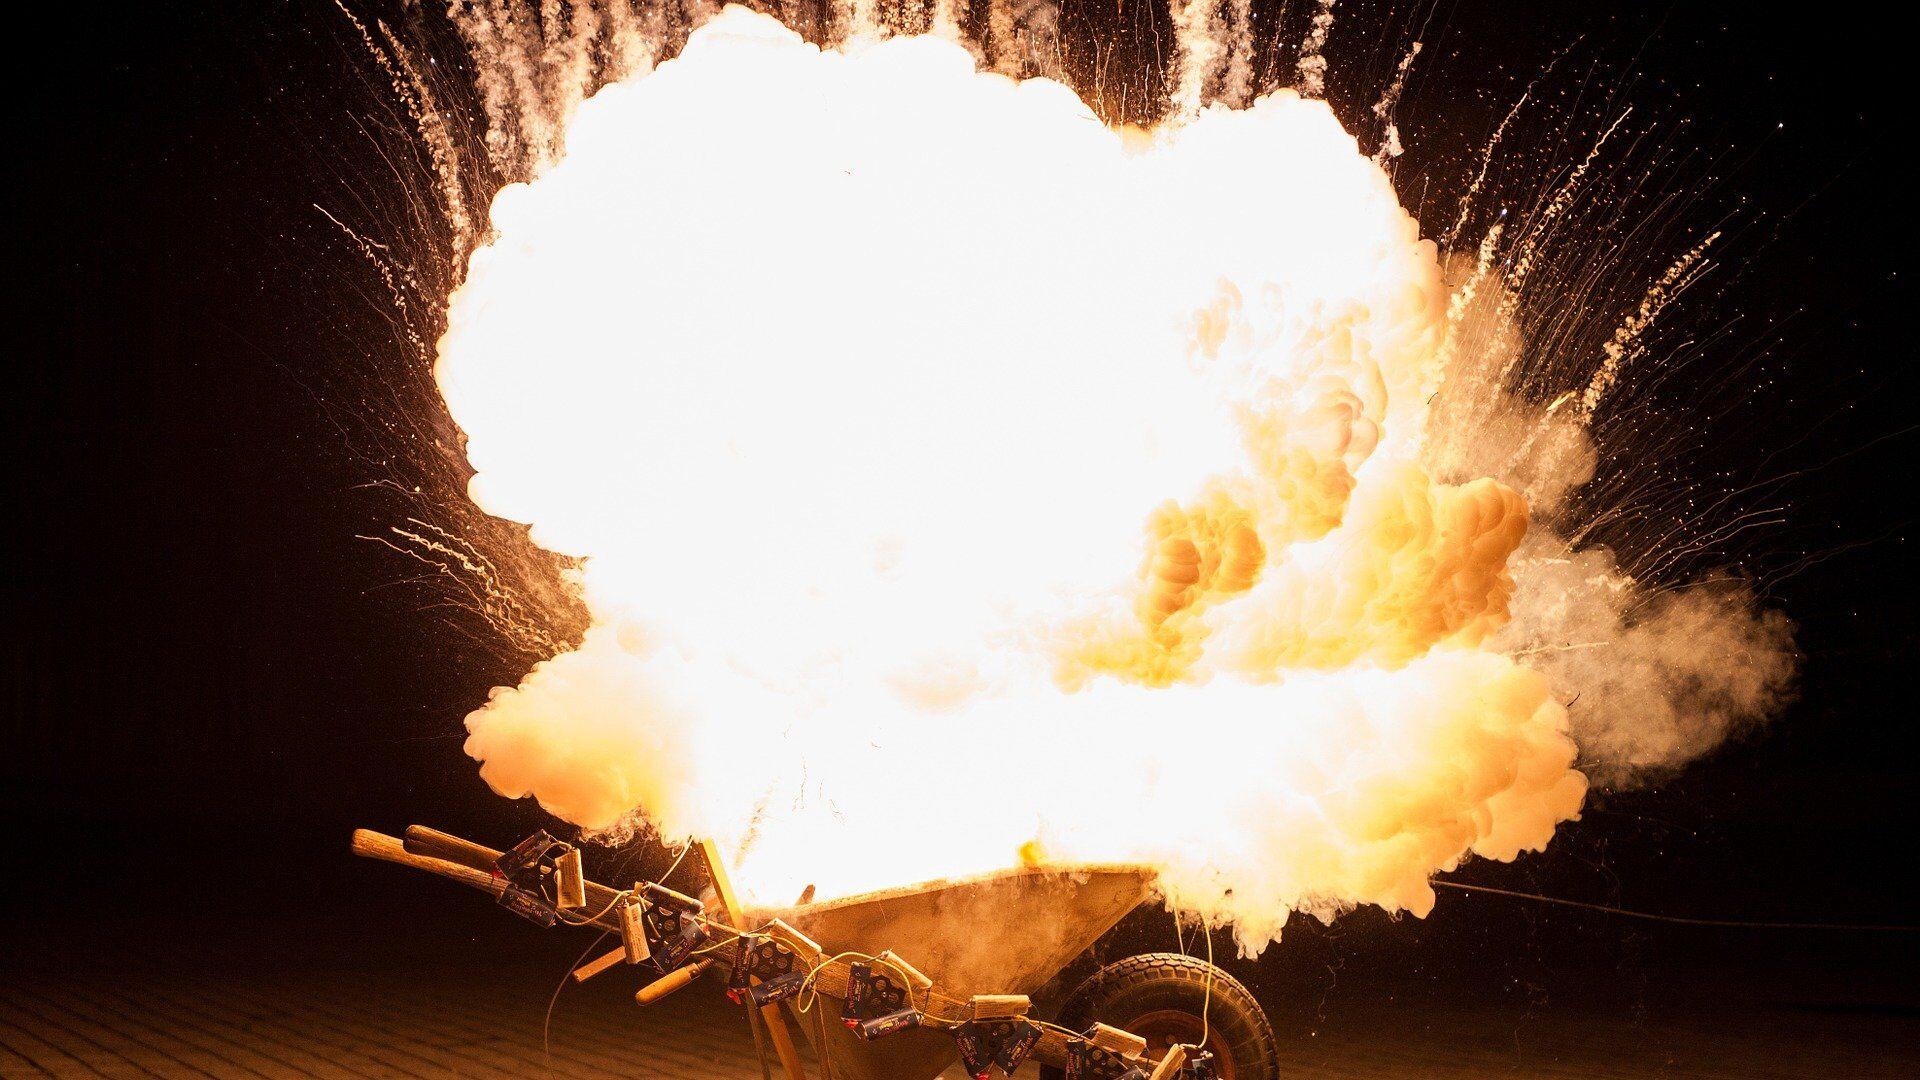 Explosión de una bomba (imagen referencial) - Sputnik Mundo, 1920, 10.08.2021